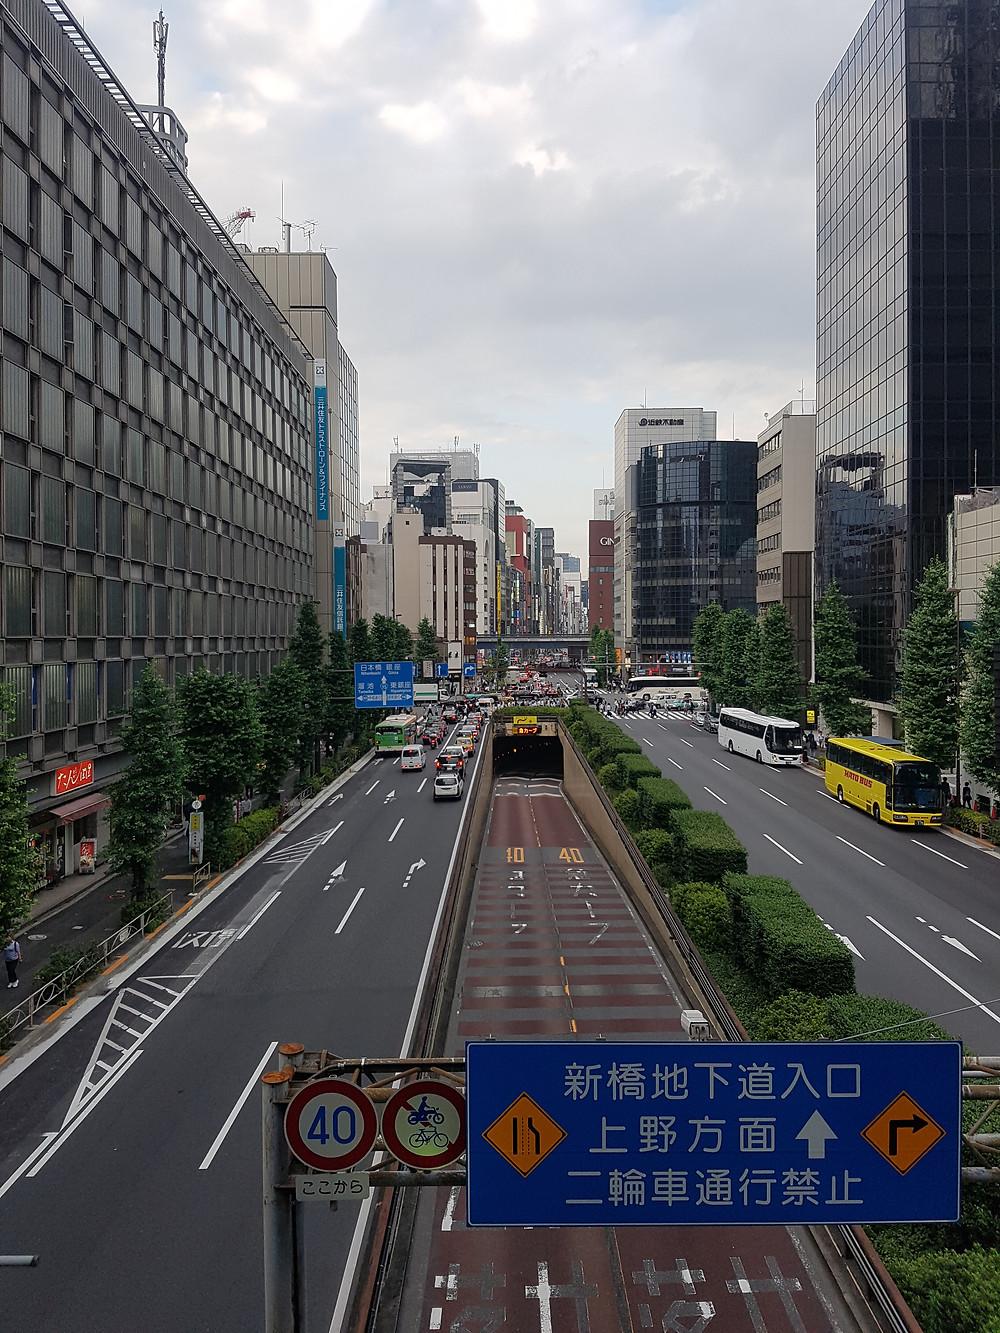 Chūō-dōri in Ginza